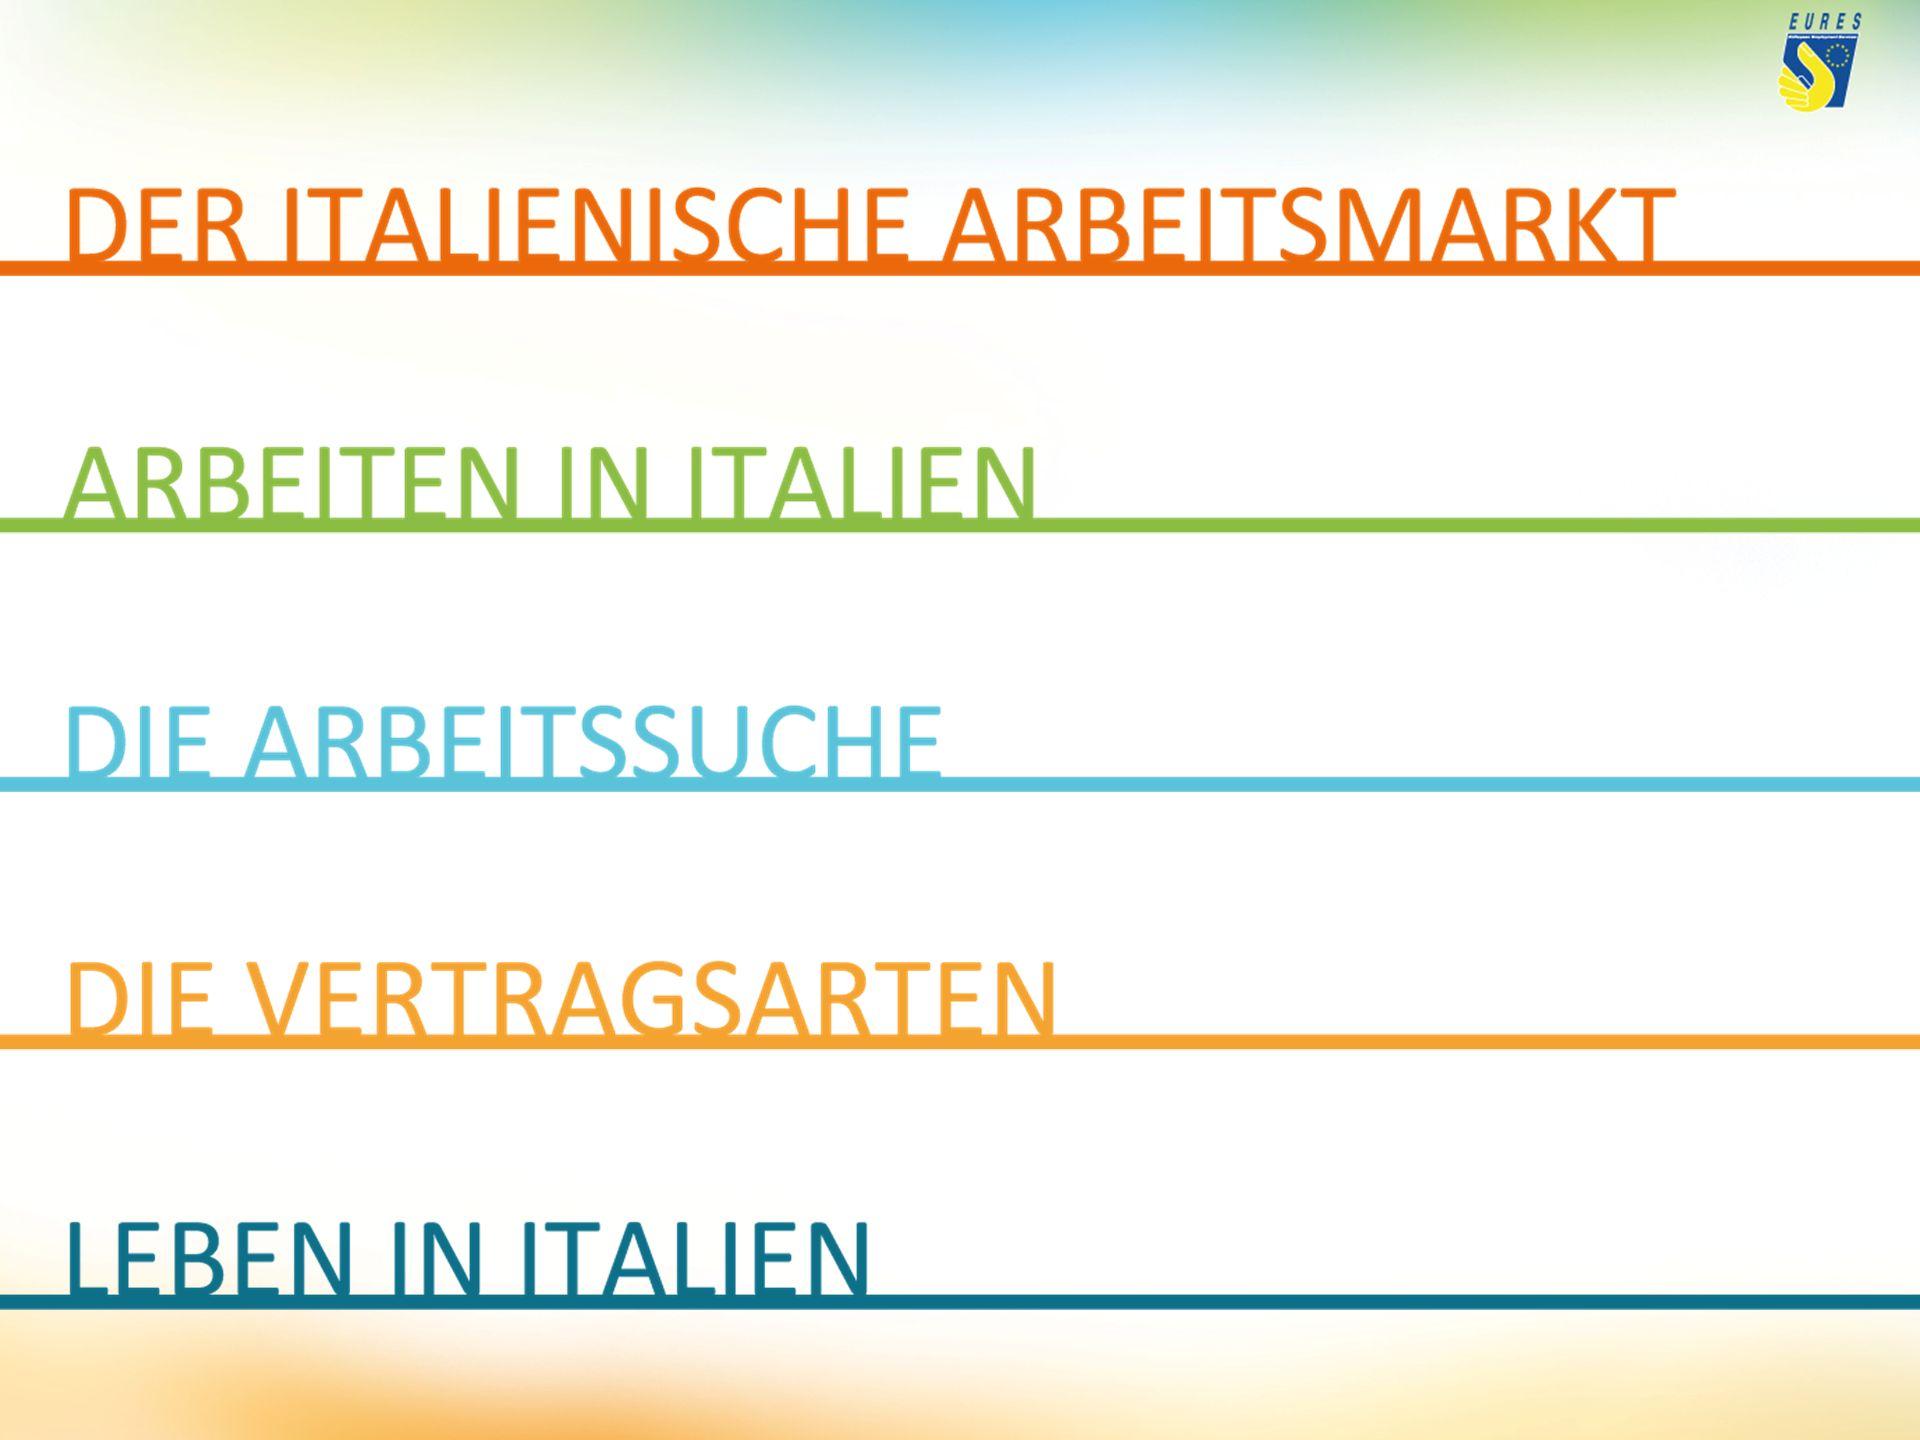 ALLGEMEINE DATEN DIE WIRTSCHAFT IN ITALIEN BESCHÄFTIGUNG/ARBEITSLOSIGKEIT BESCHÄFTIGUNG NACH BRANCHEN ARBEITSLOSIGKEIT IN EUROPA TENDENZEN DES ARBEITSMARKTS BRANCHEN IN SCHWIERIGKEIT RECRUITMENT MEISTGESUCHTE BERUFE ANDERE BERUFSMӦGLICHKEITEN BERUFE IM UNTERGEHEN